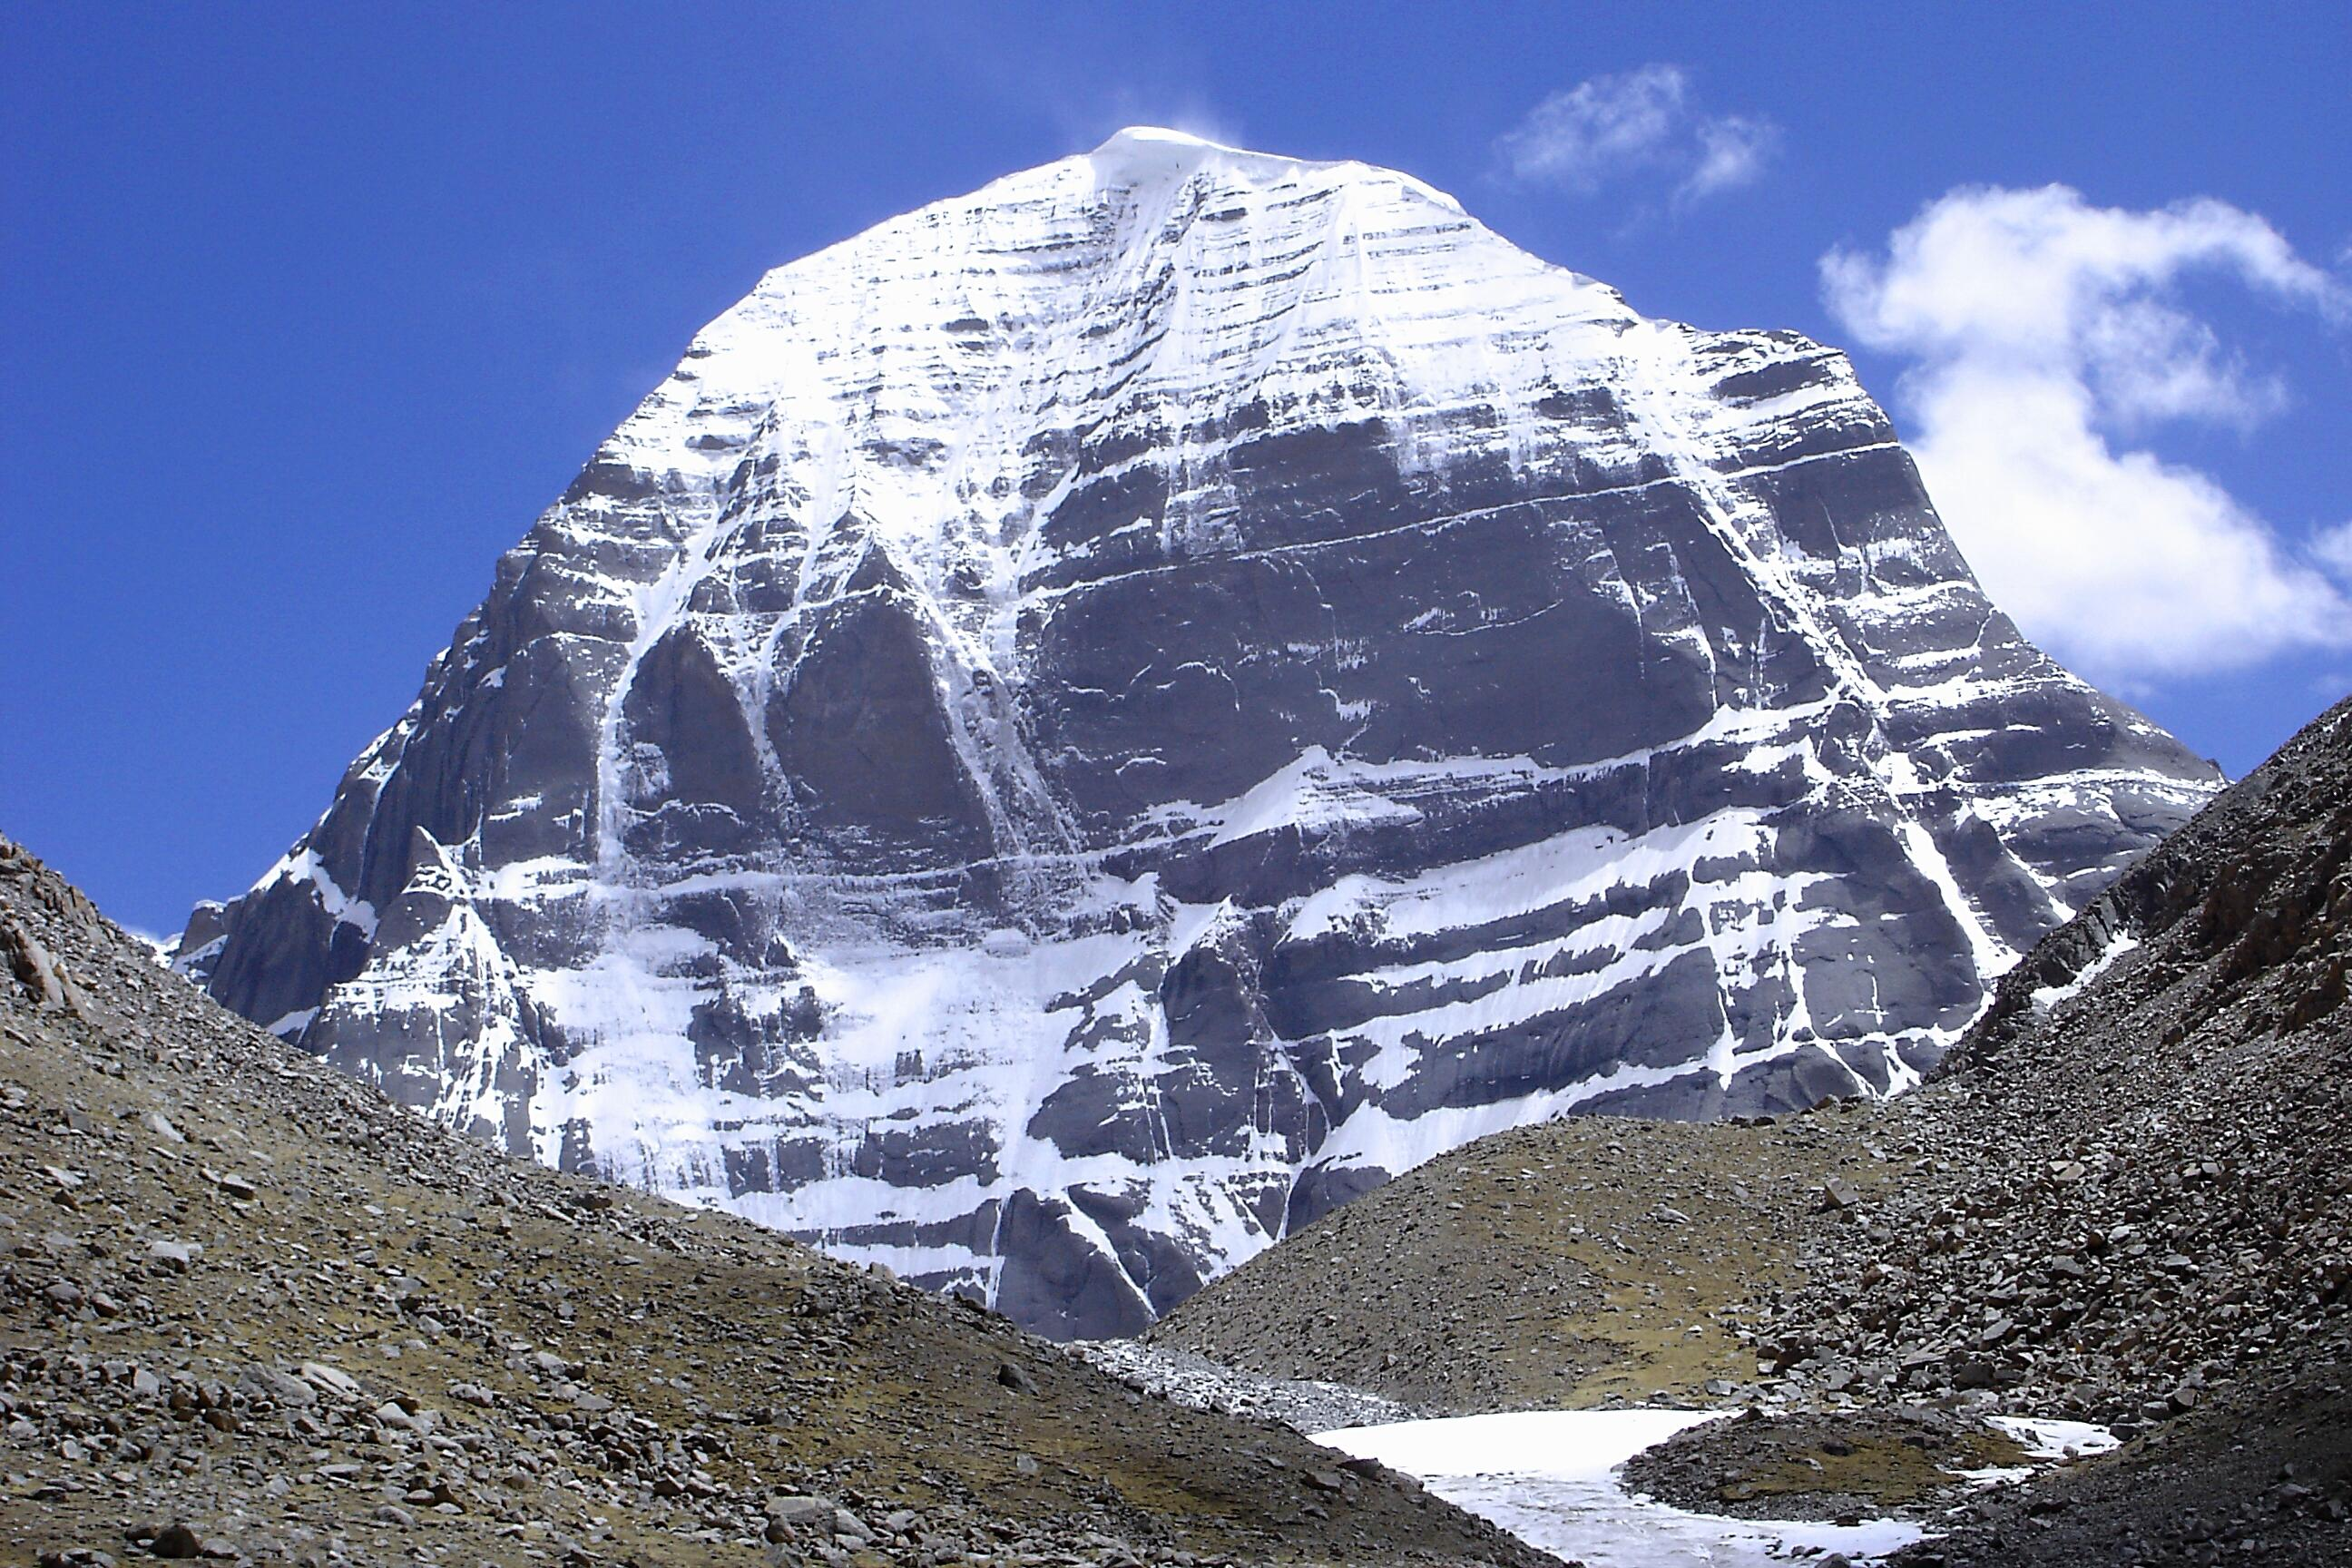 301 moved permanently - Kailash mansarovar om ...